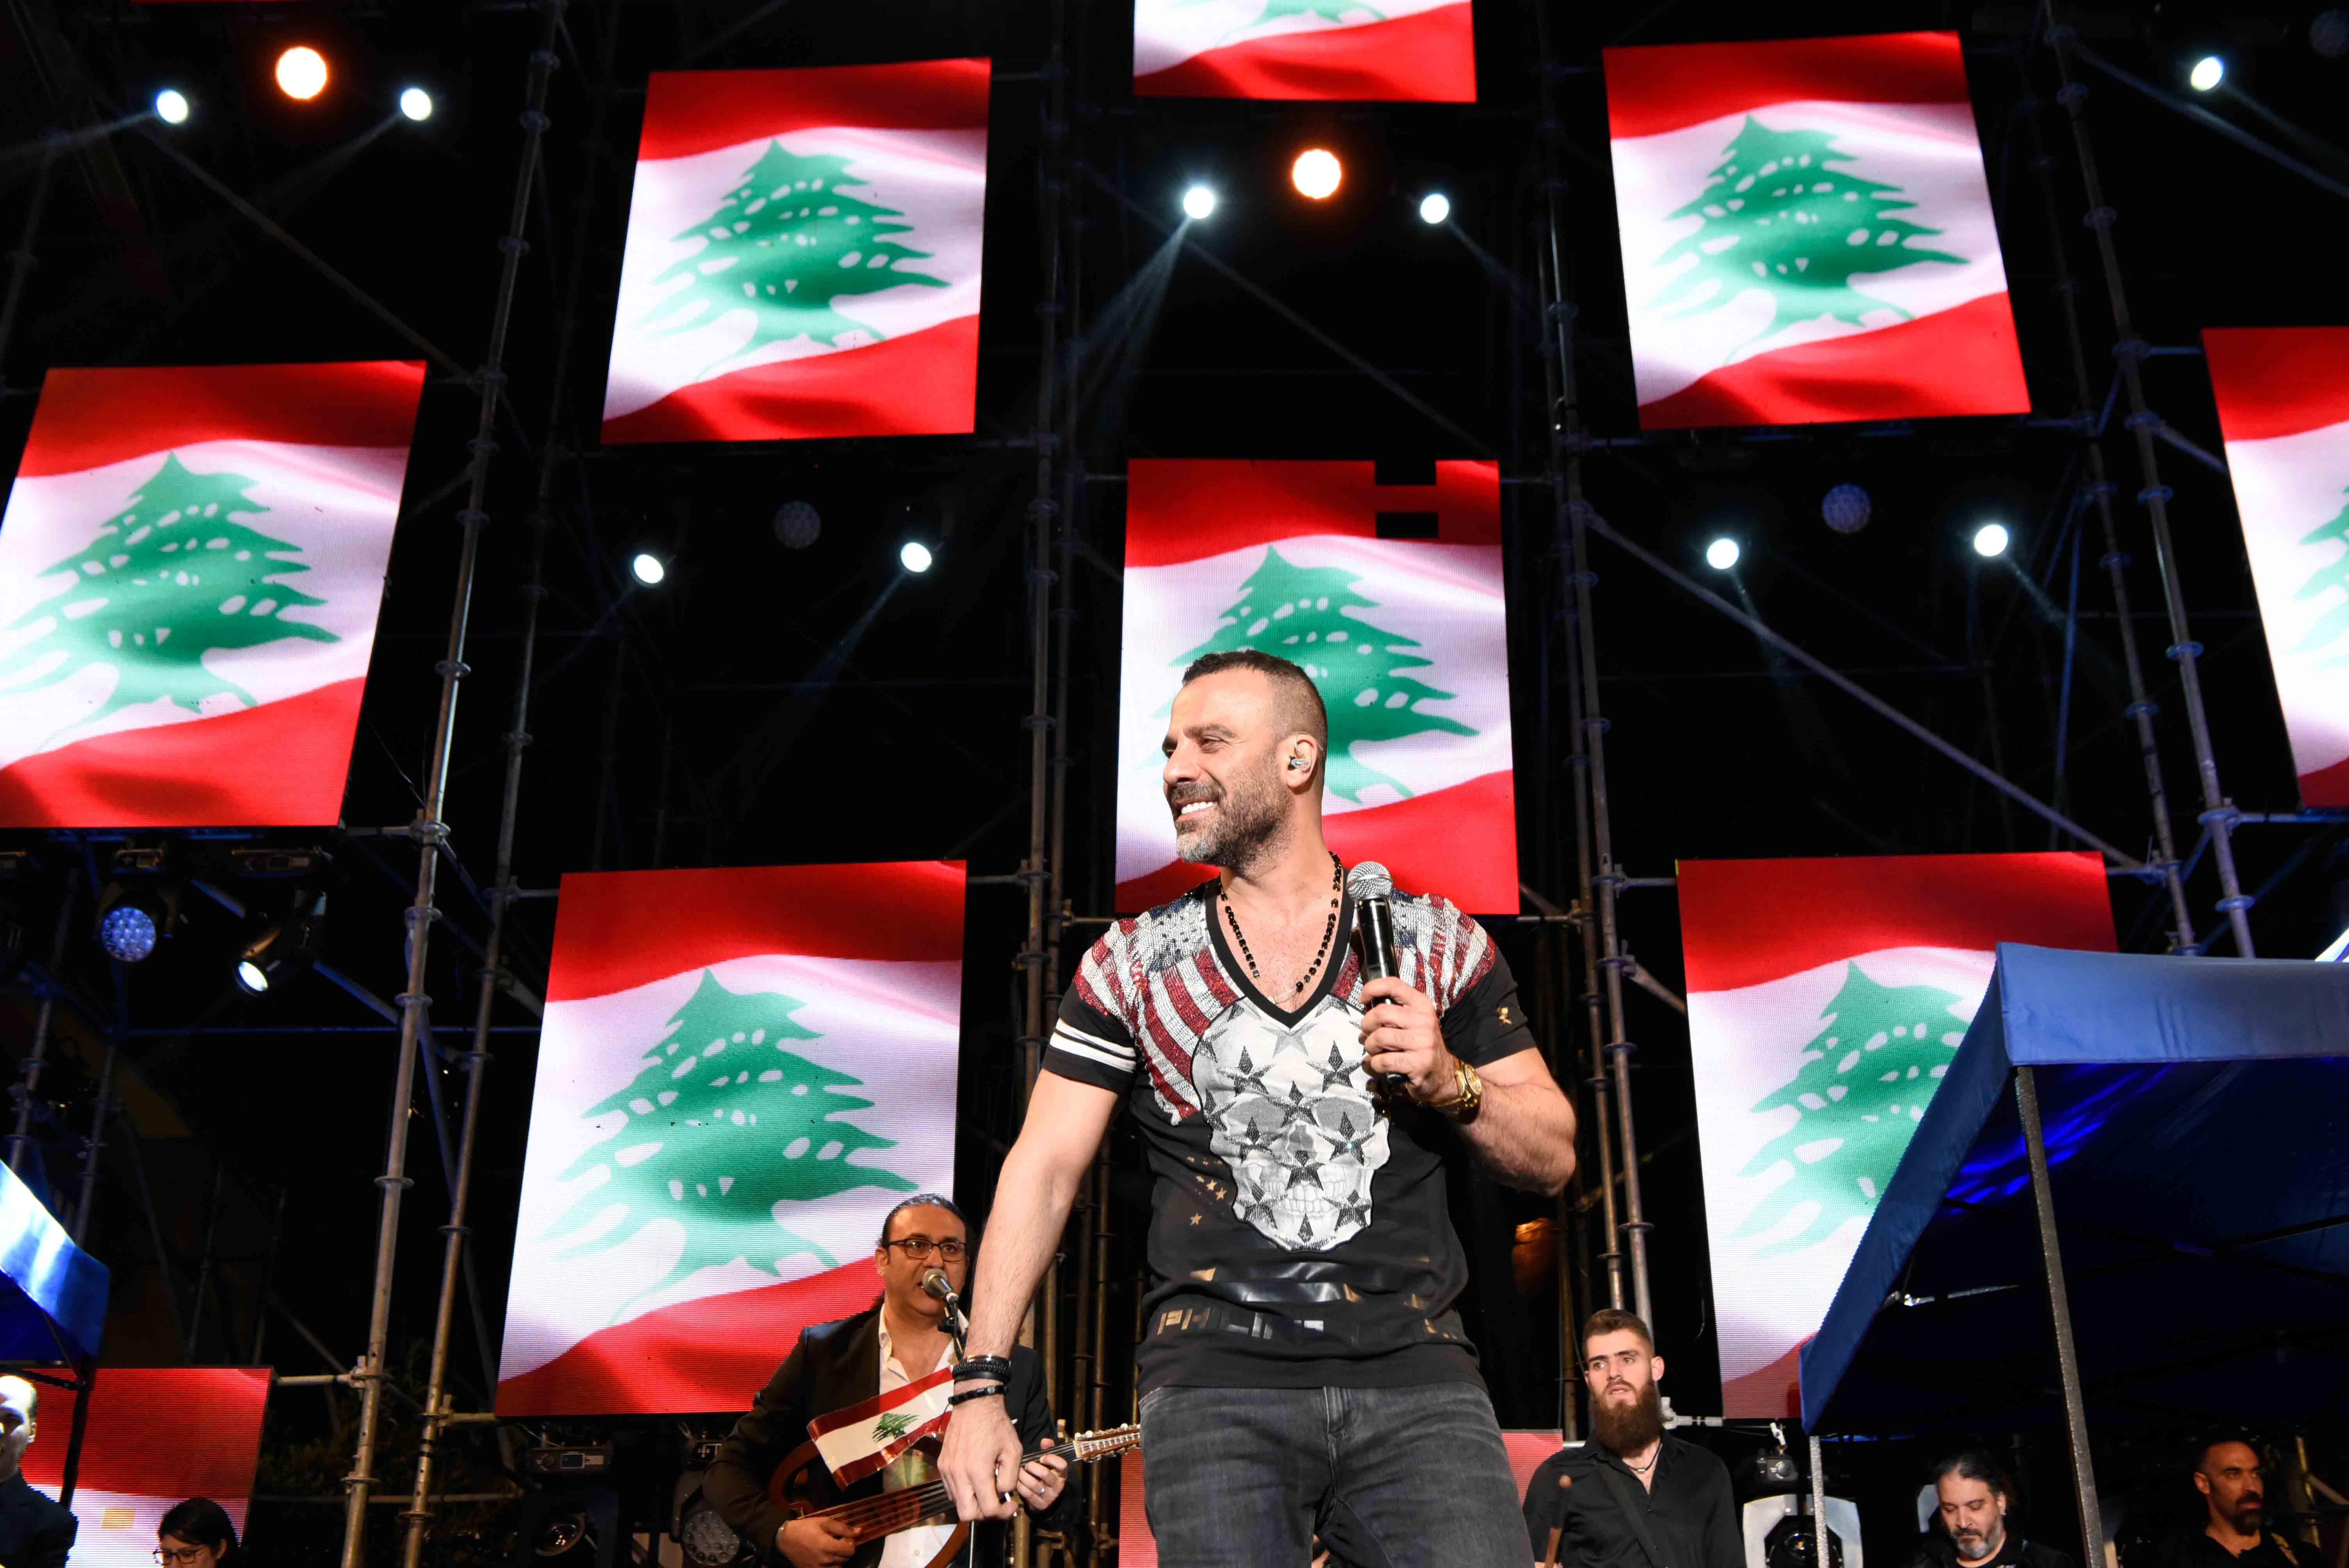 صورة جو أشقر بين دبي و بيروت نجاحات مستمرة